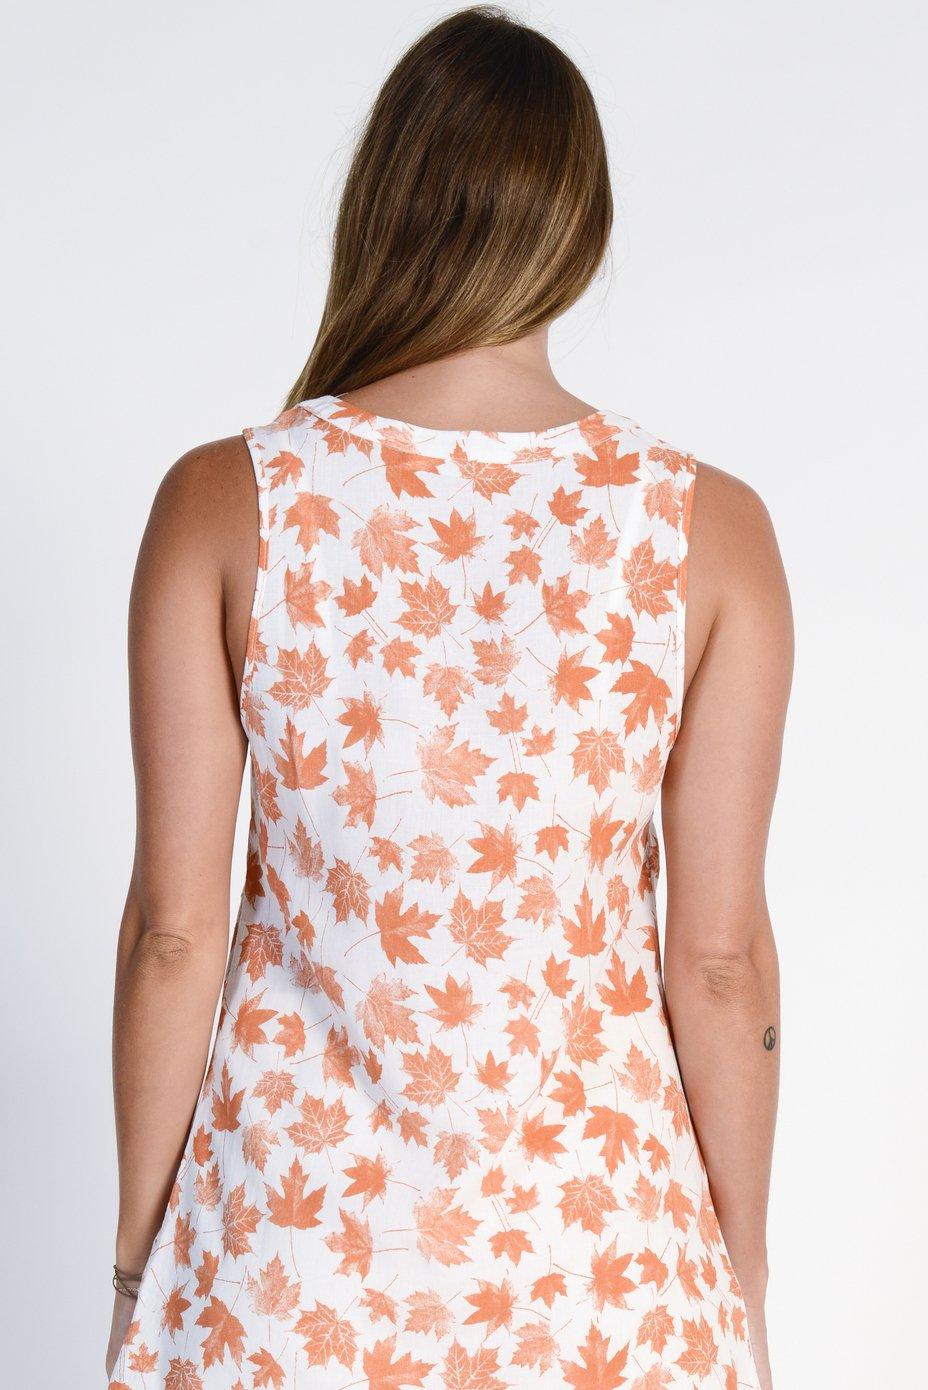 Ladies' Hemp Cotton Sleeveless Leaf Shirt- Orange Leaf